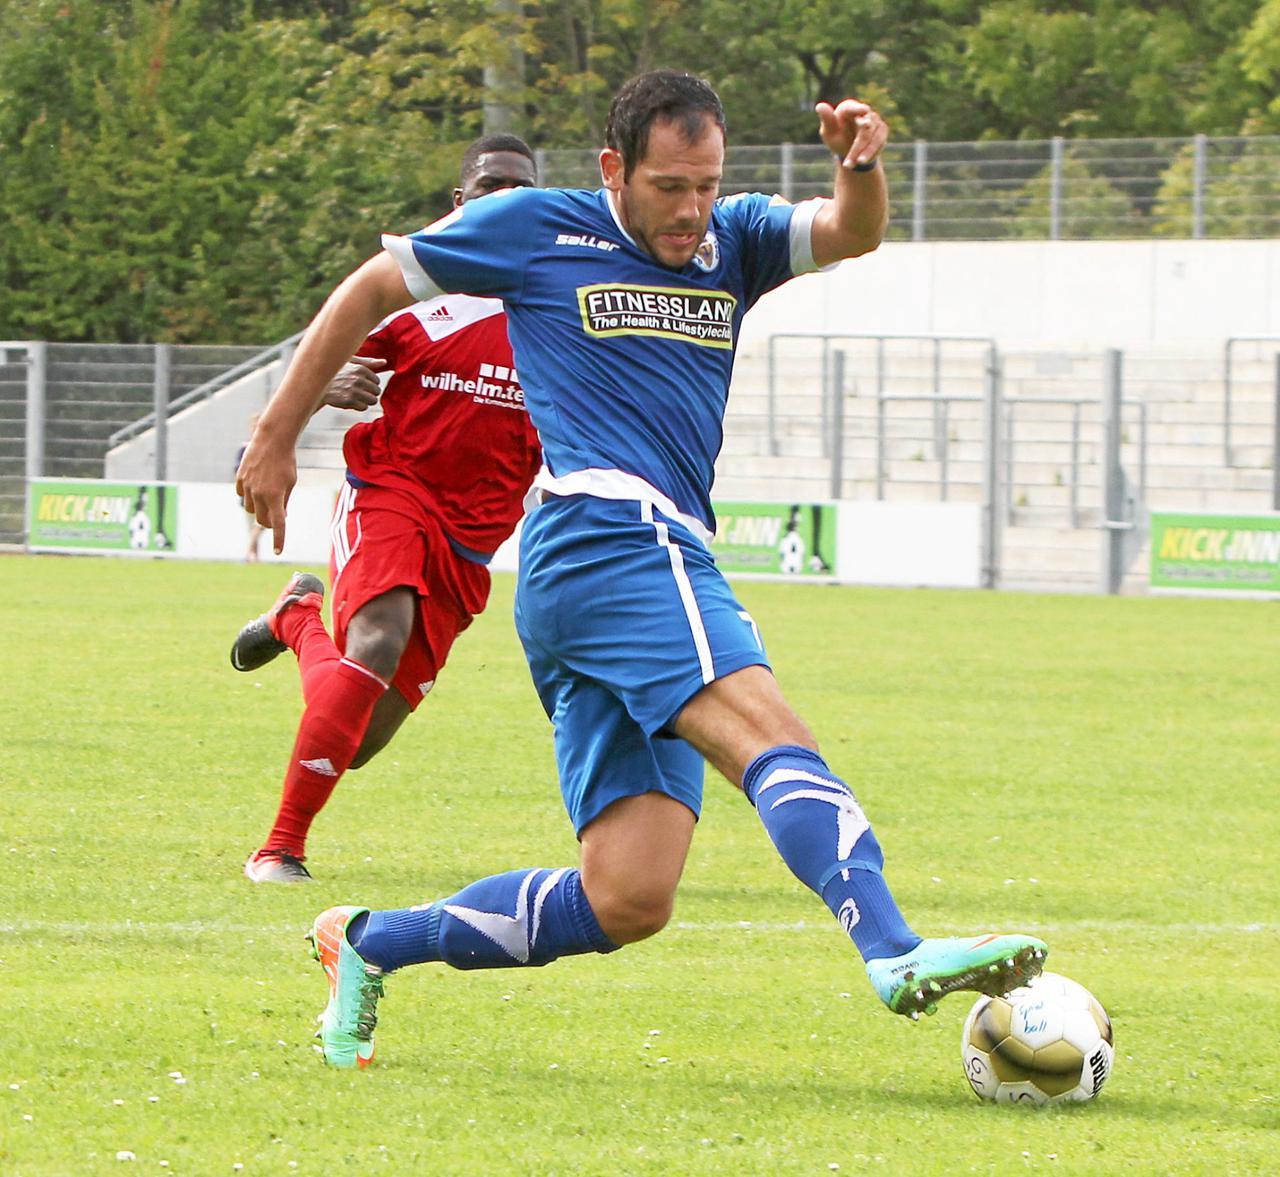 Garrit Golombek